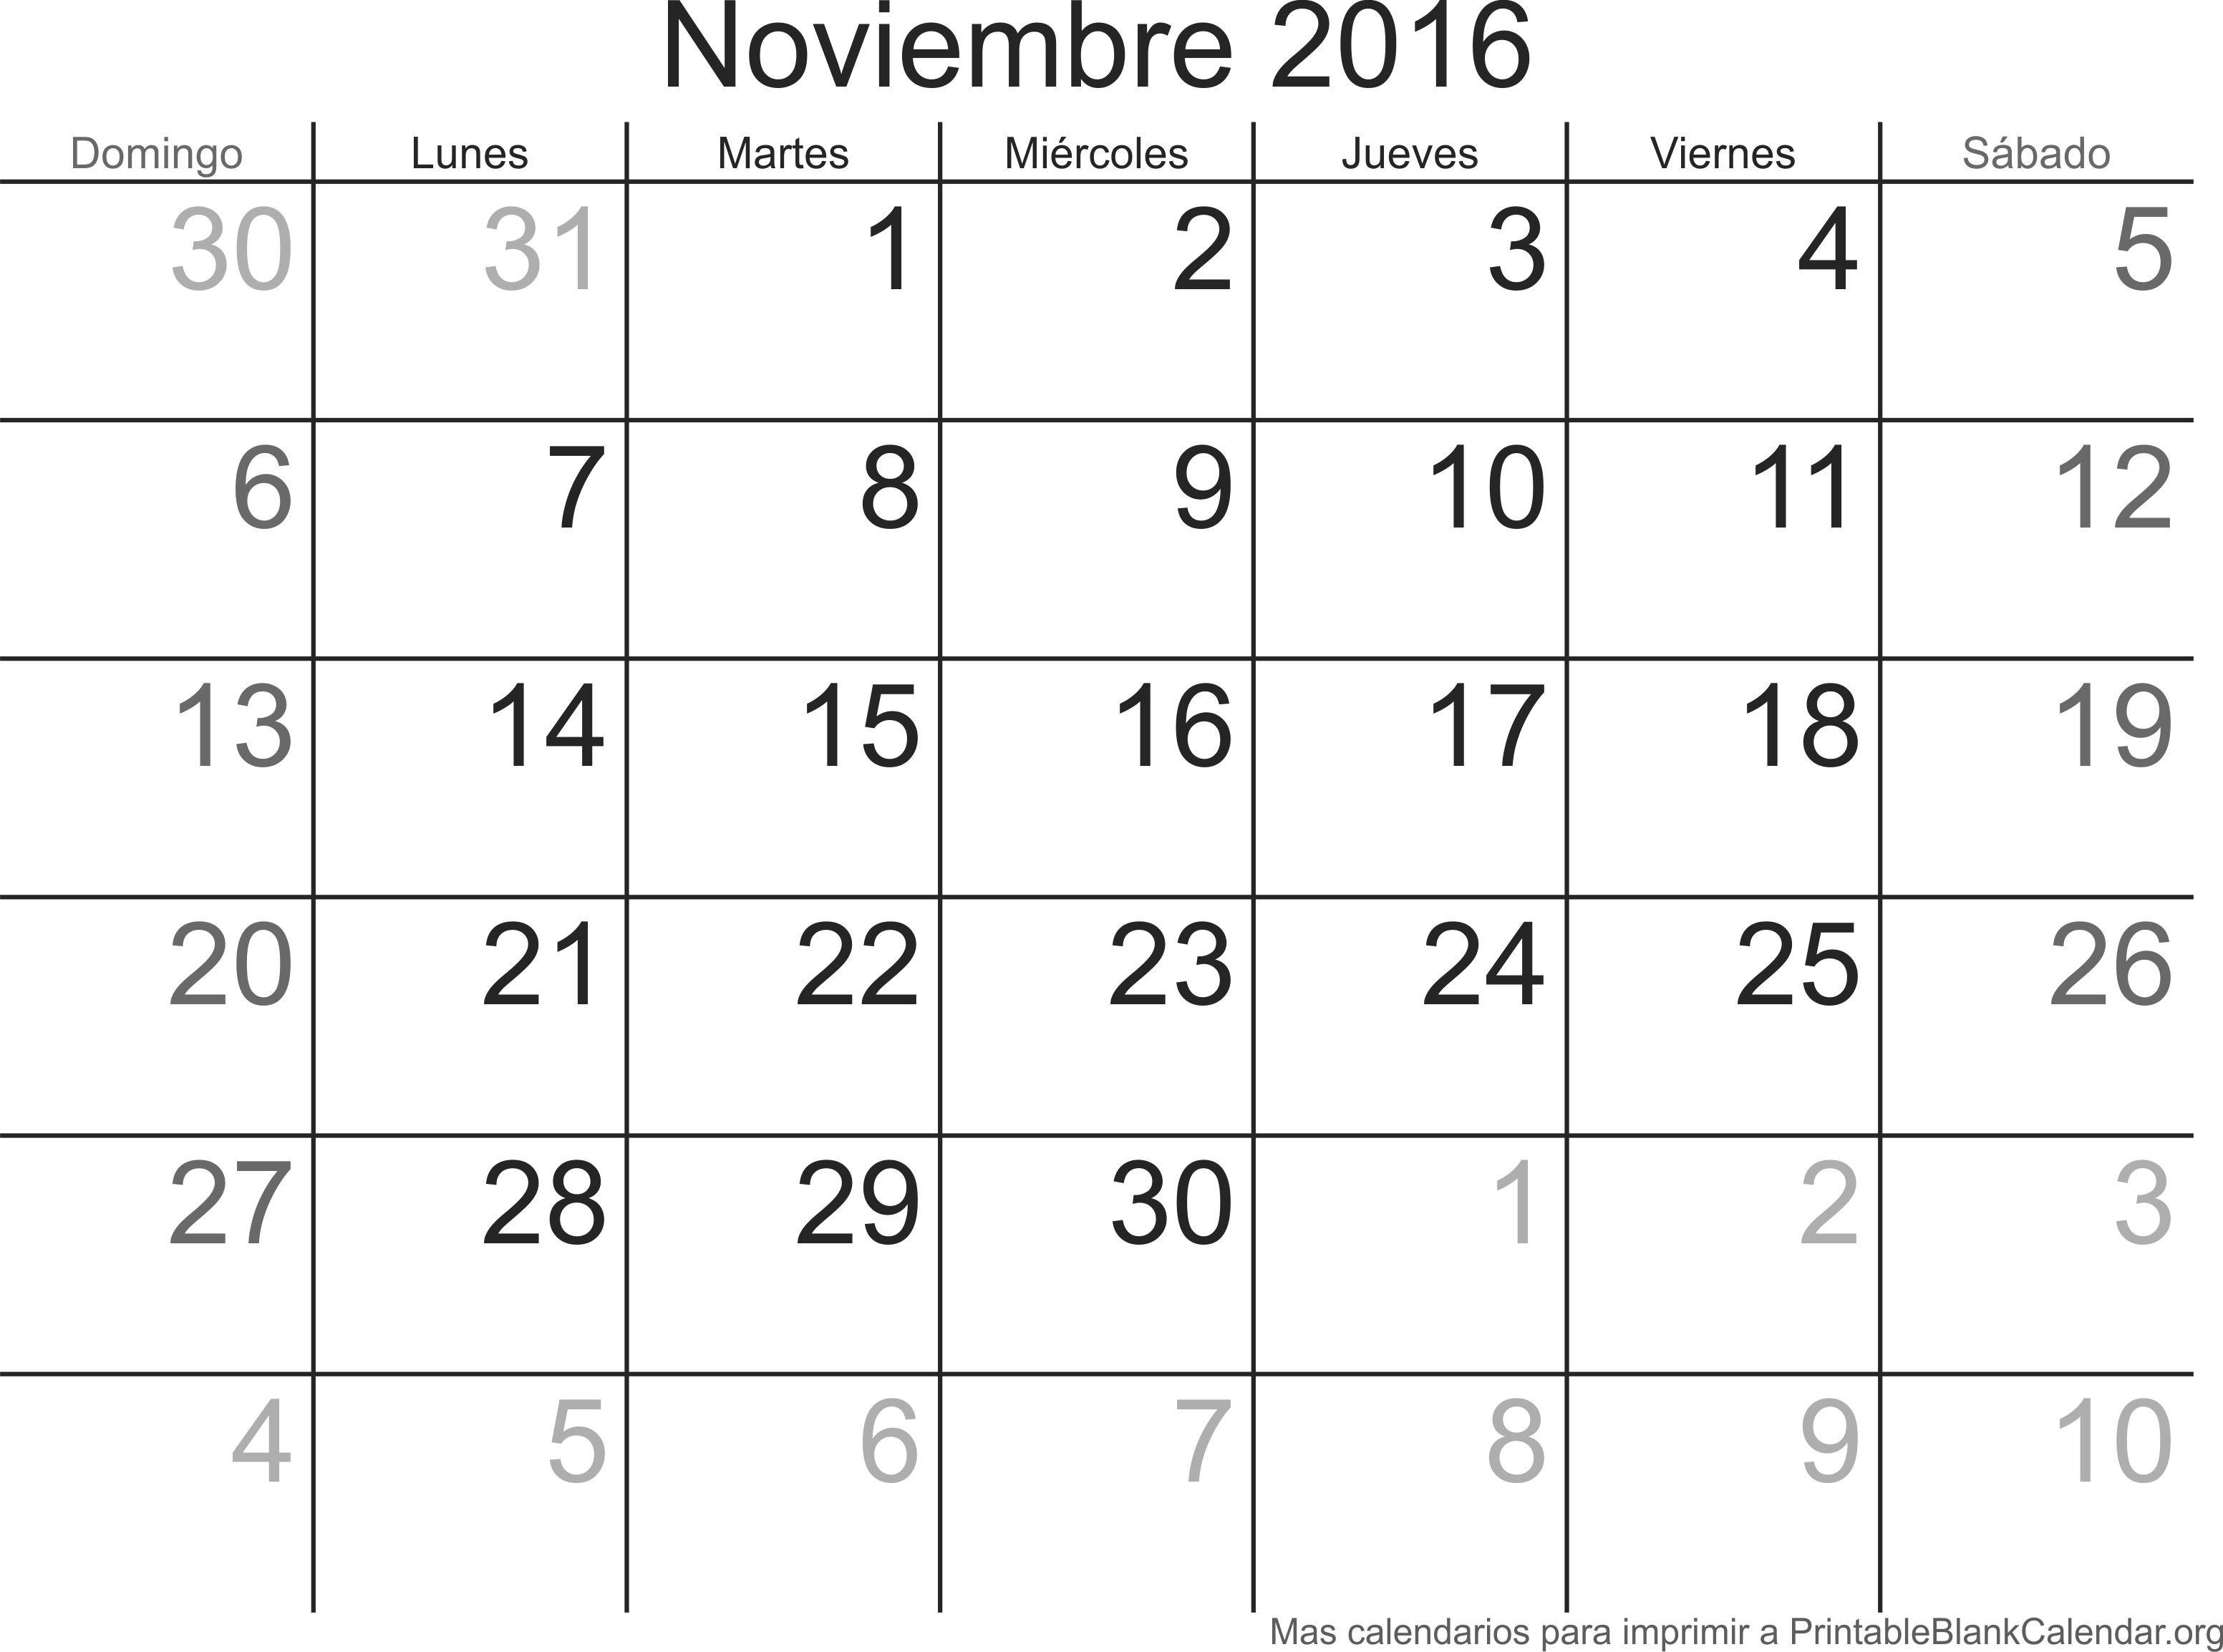 Calendario Imprimir Meses Actual Noviembre 2016